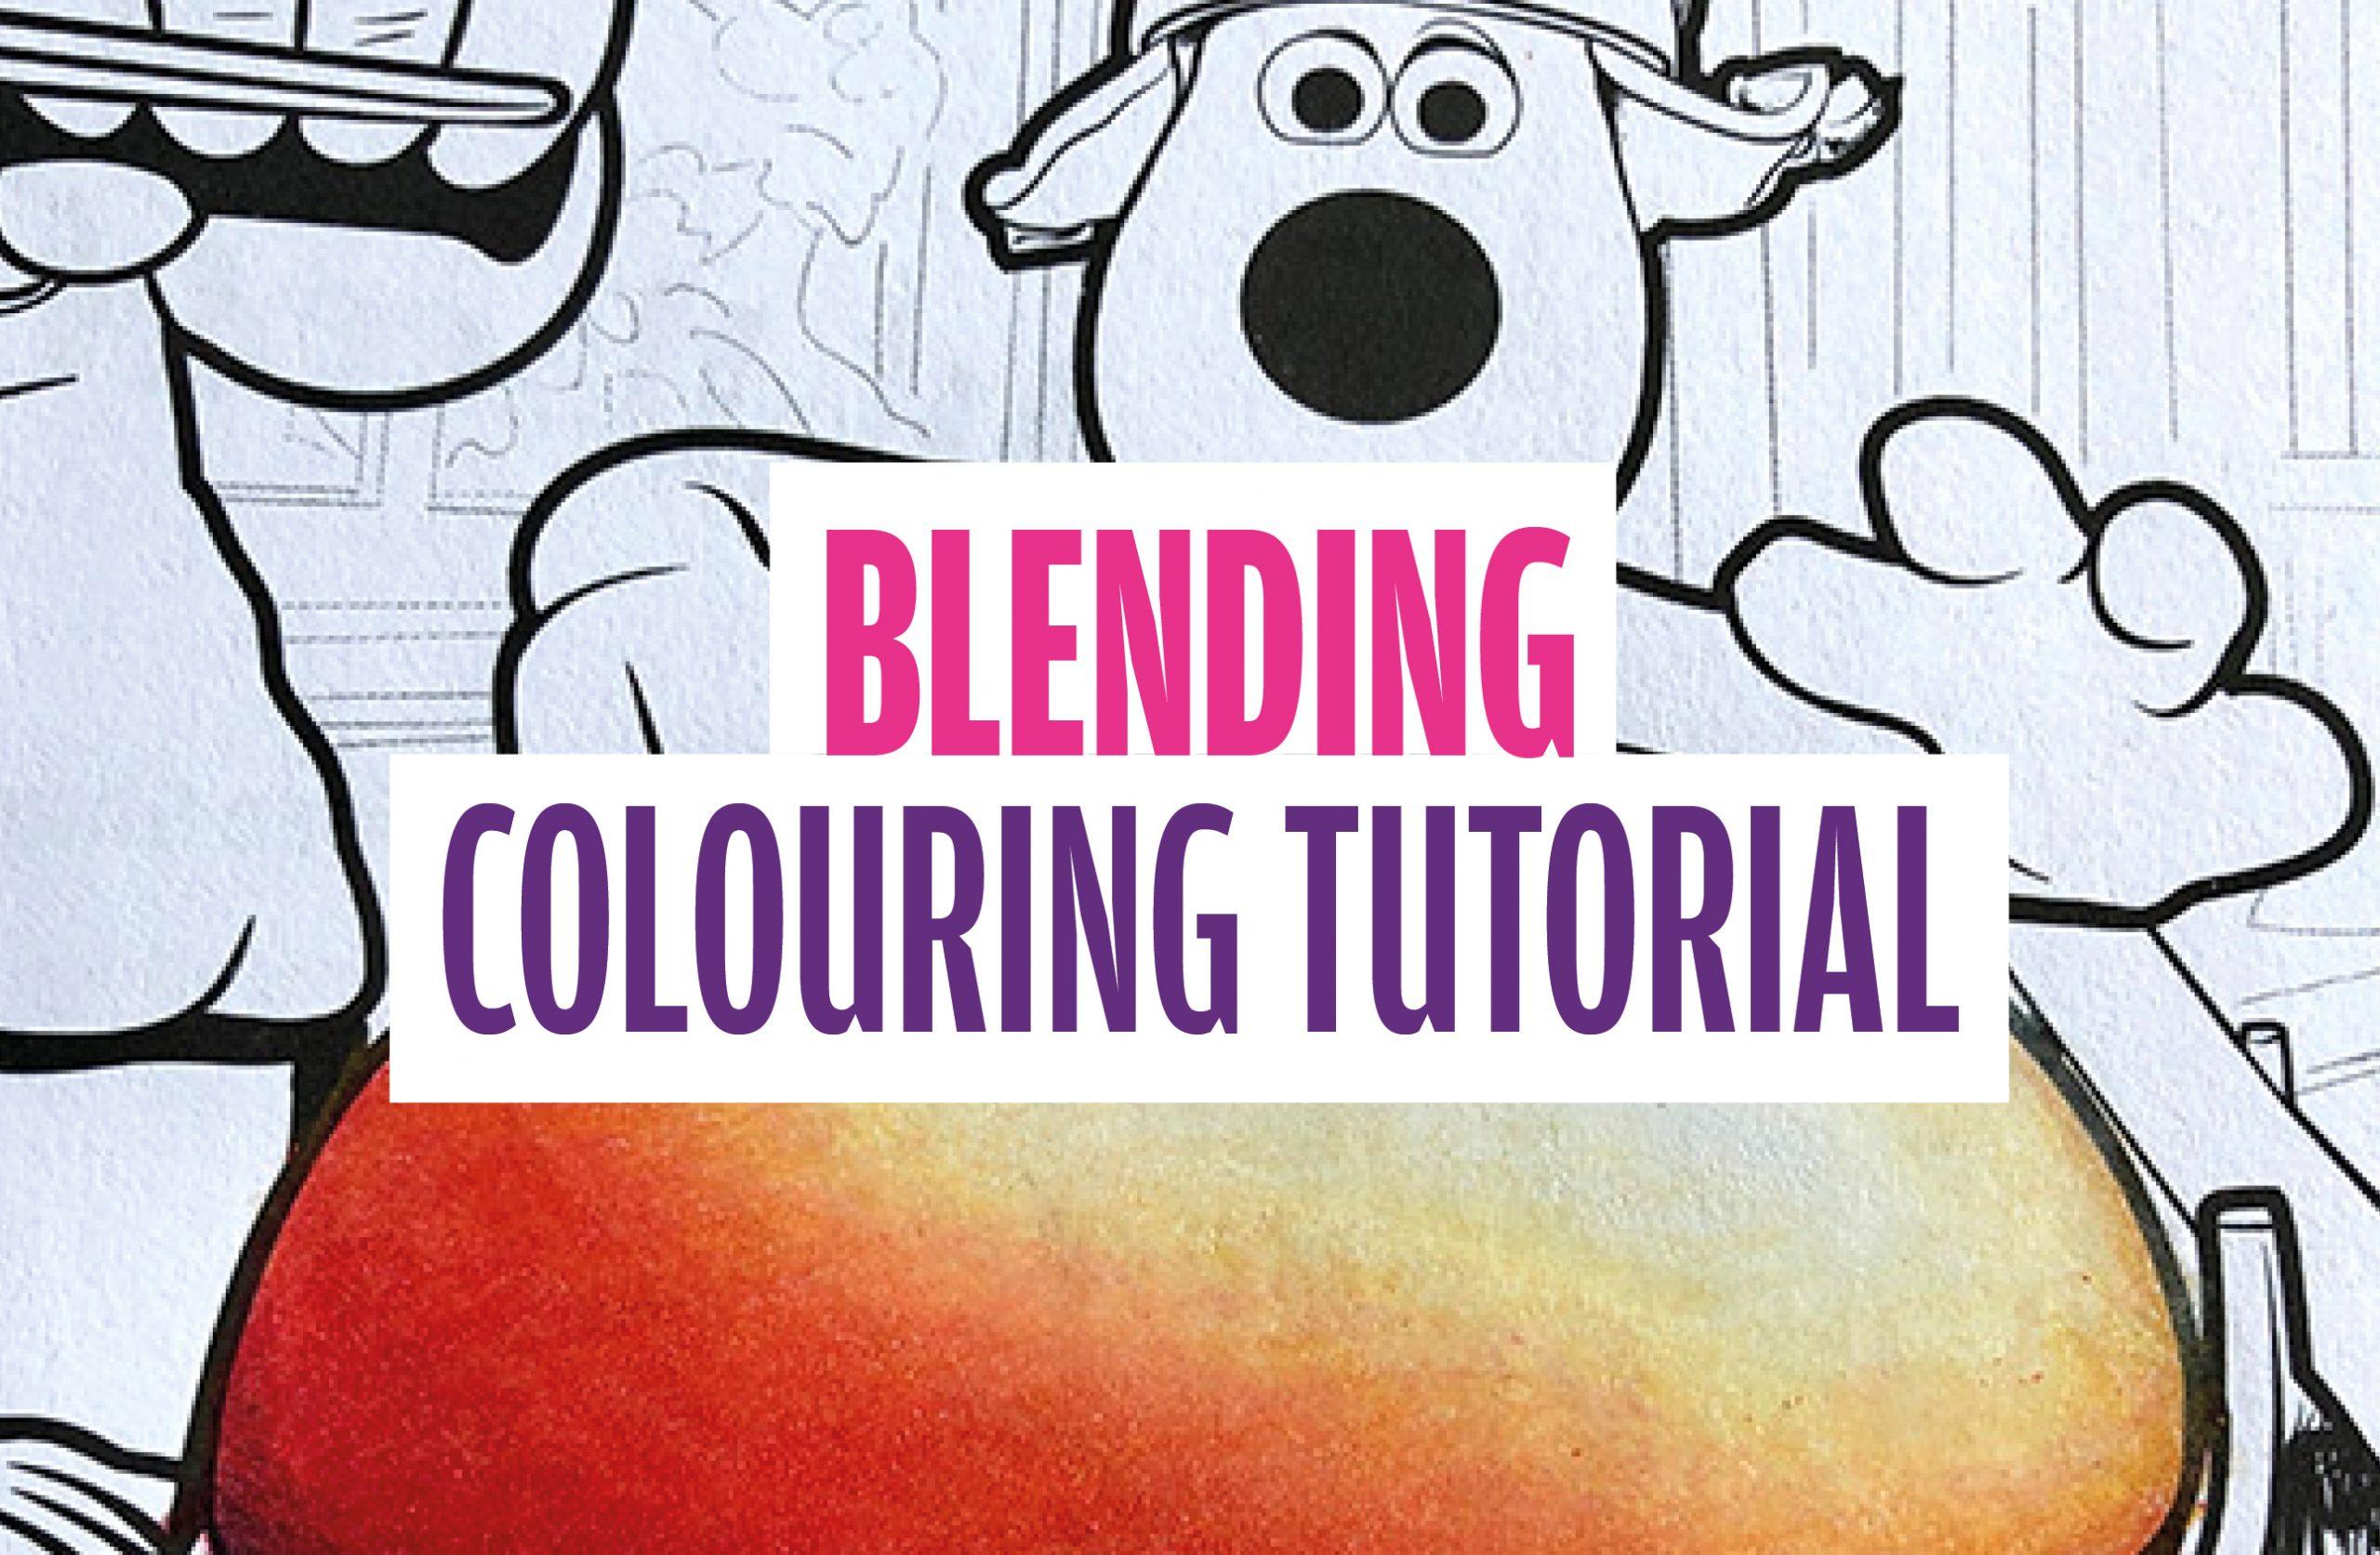 Colouring Tutorial: Blending